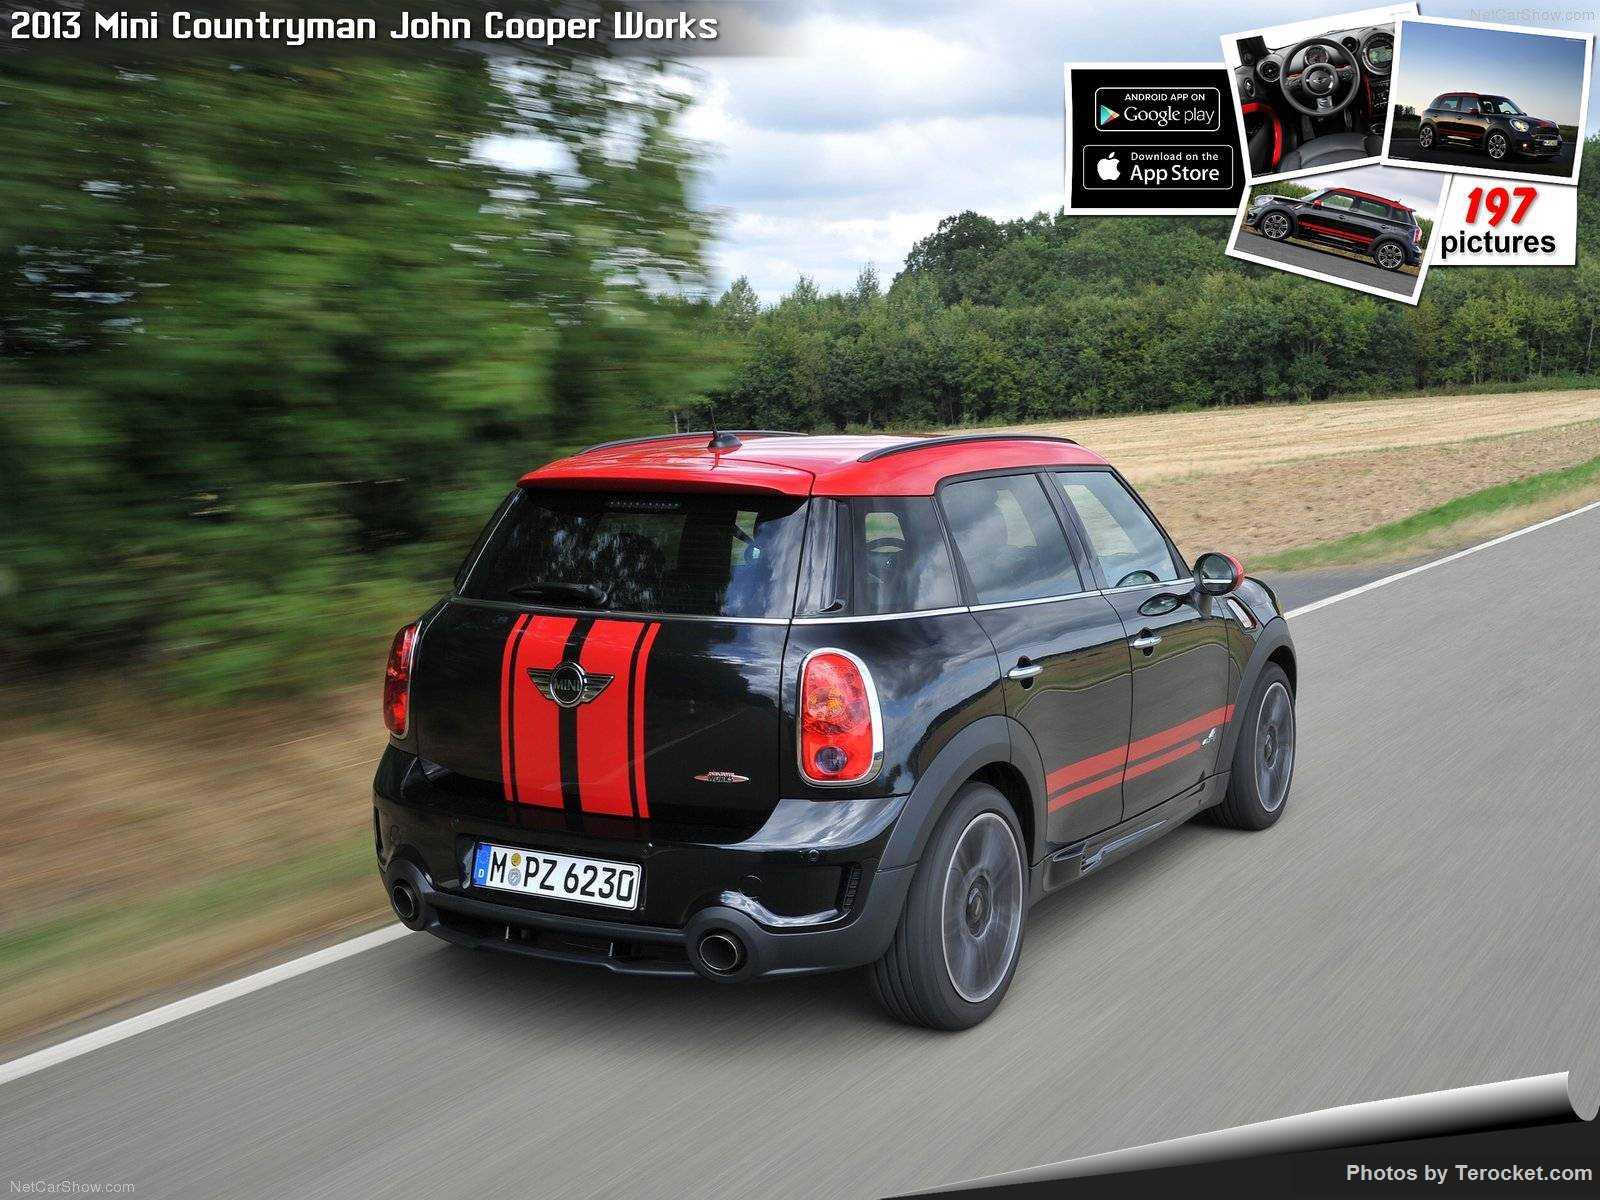 Hình ảnh xe ô tô Mini Countryman John Cooper Works 2013 & nội ngoại thất